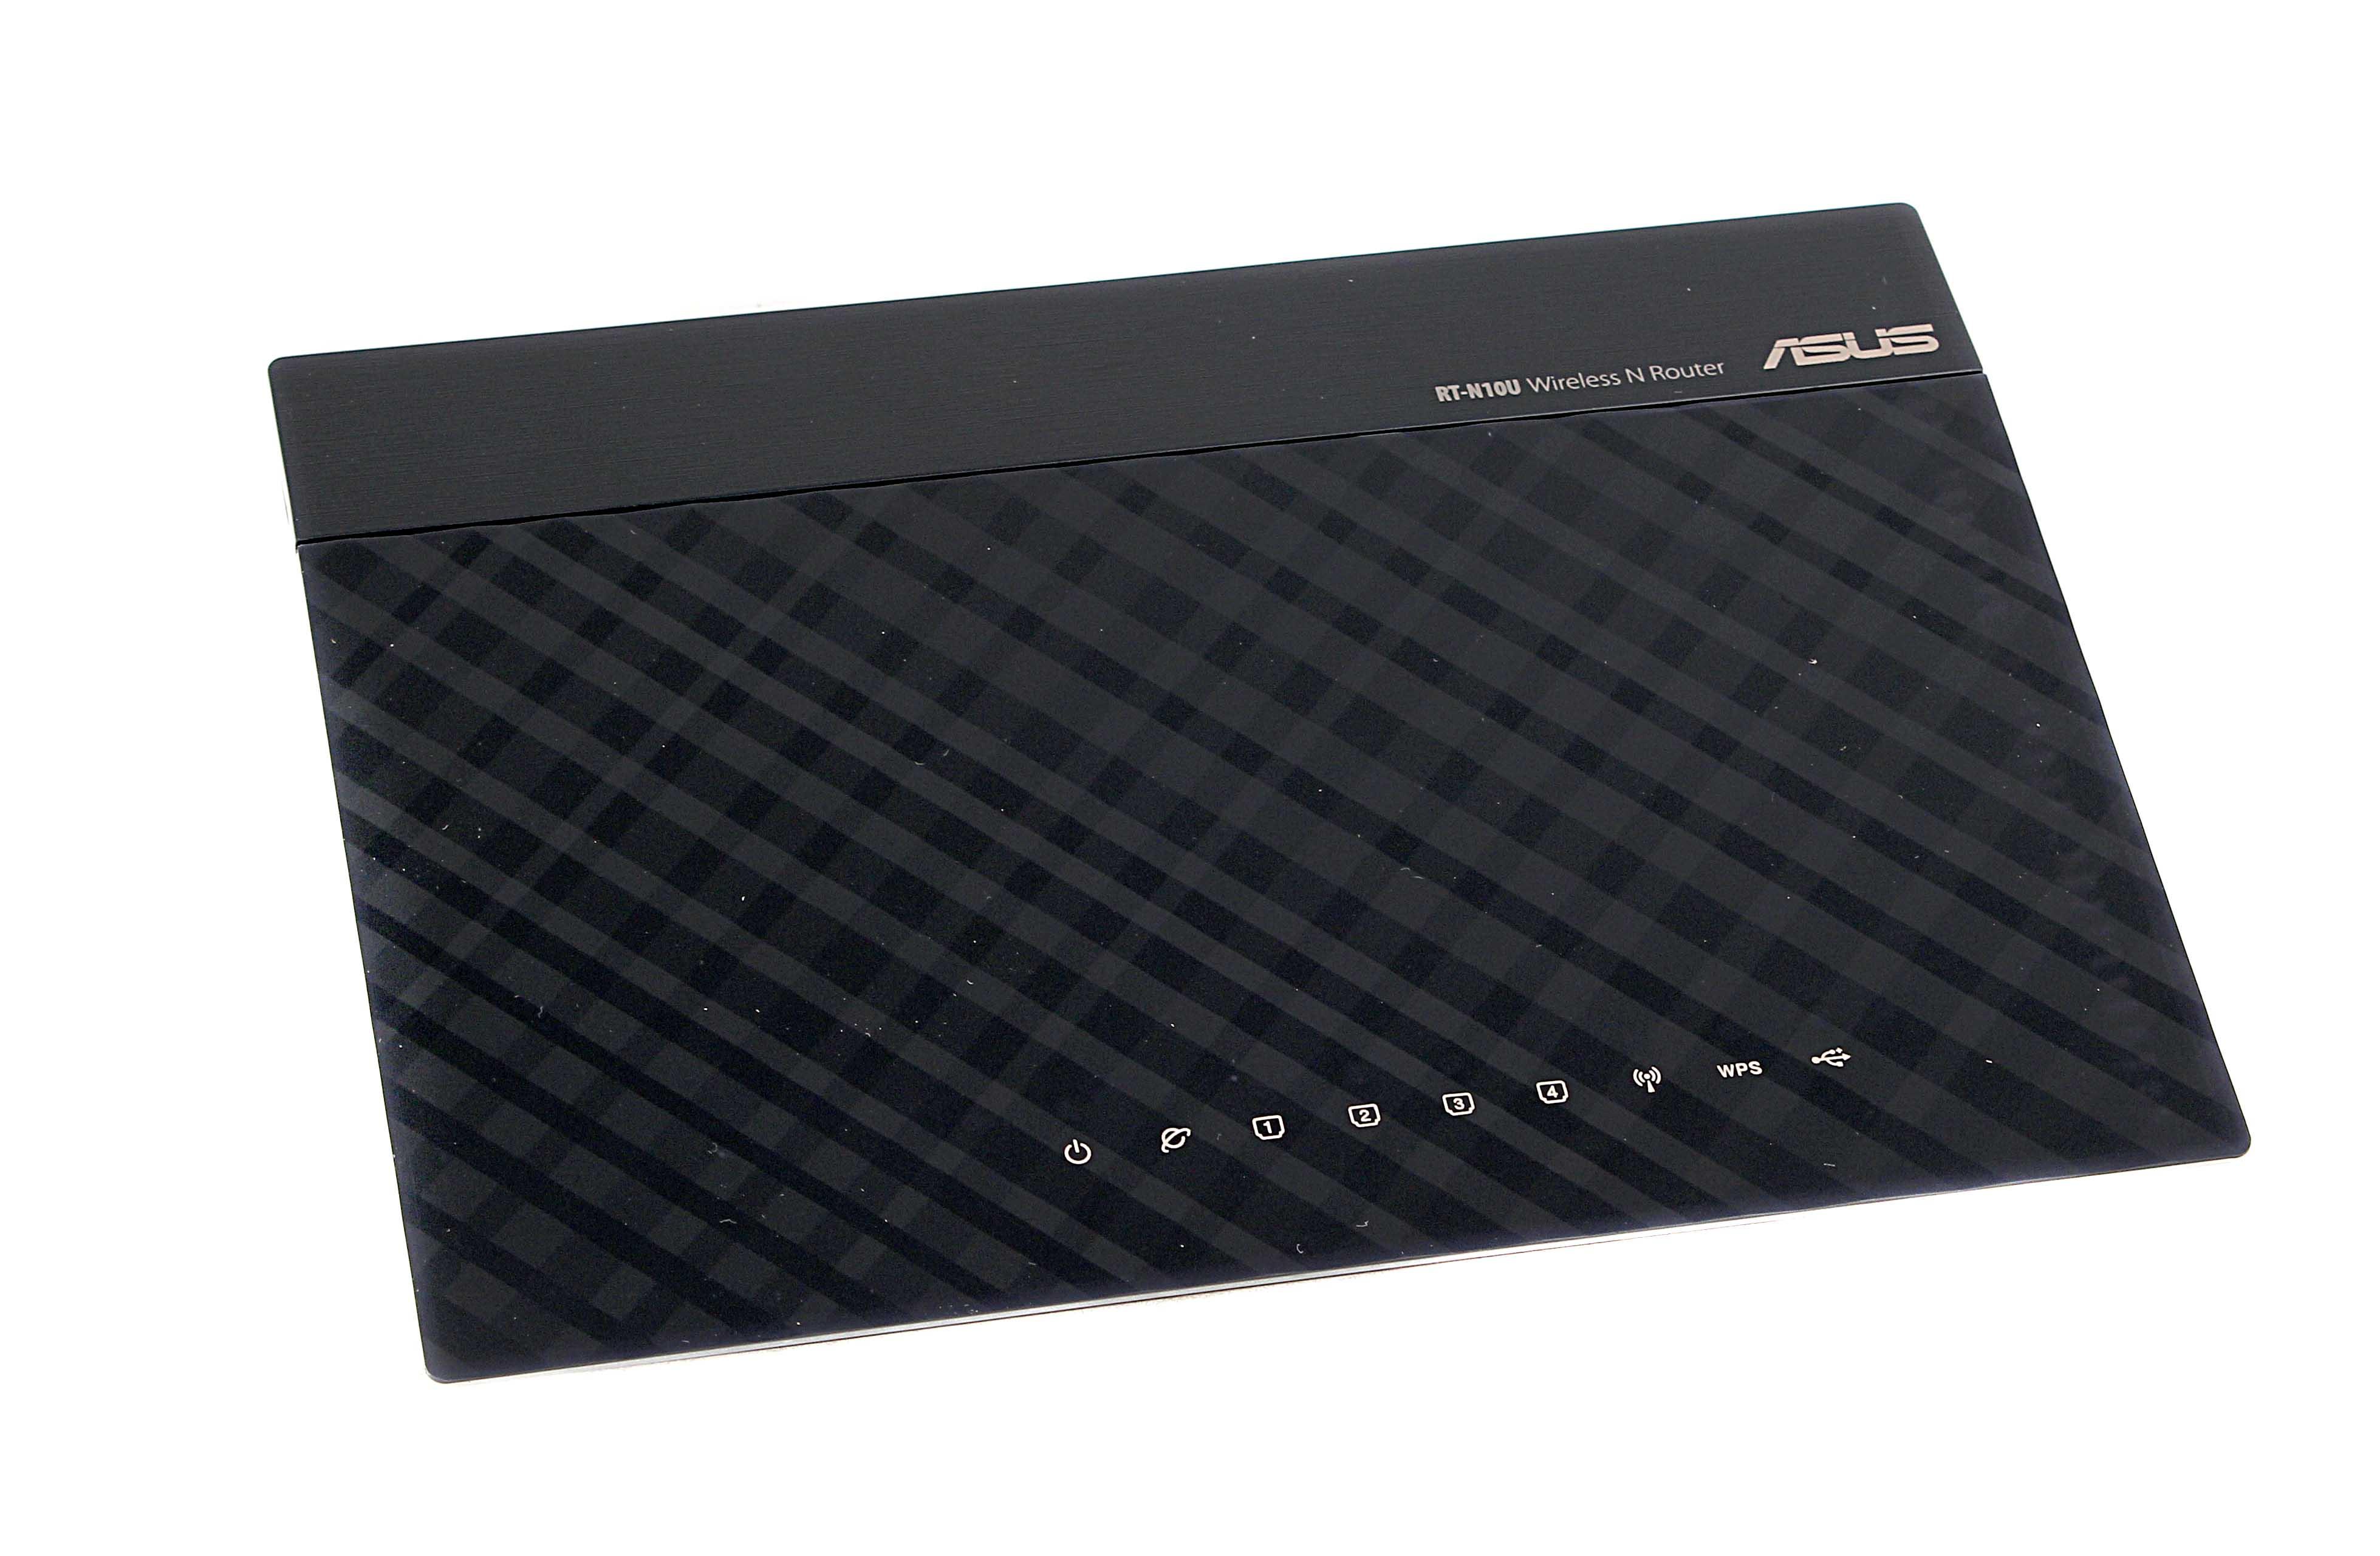 Сетевое оборудование Asus Real Brand Technics 1349.000